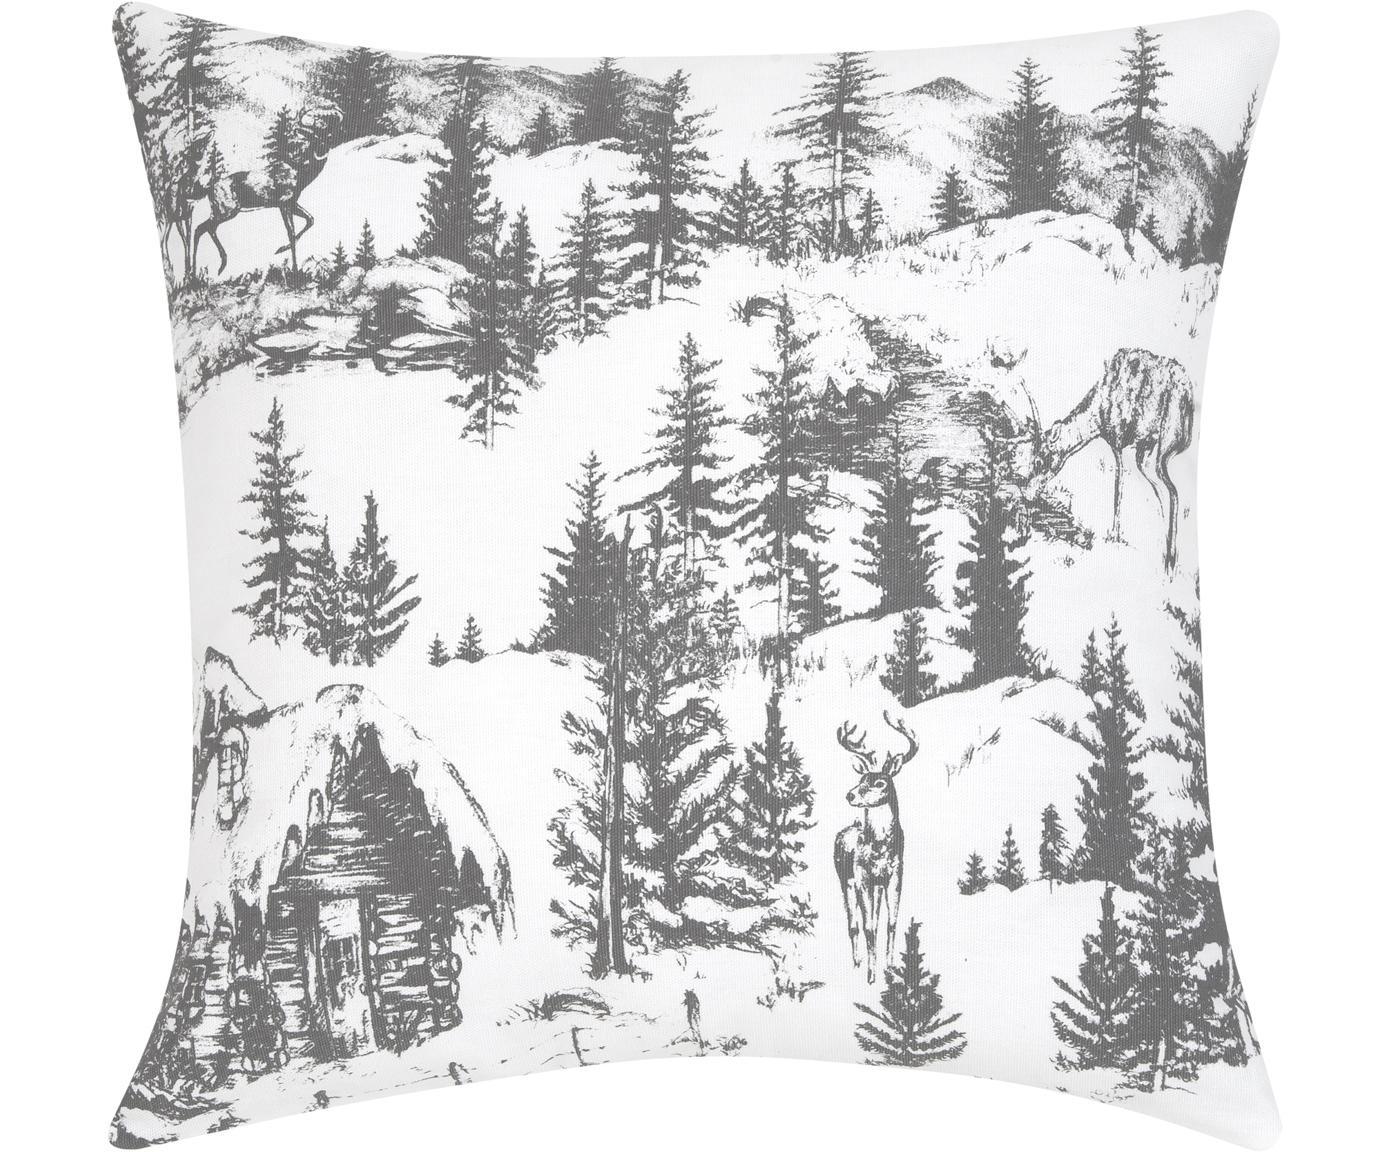 Kissenhülle Festive mit winterlichem Motiv, Baumwolle, Dunkelgrau, Weiß, 40 x 40 cm